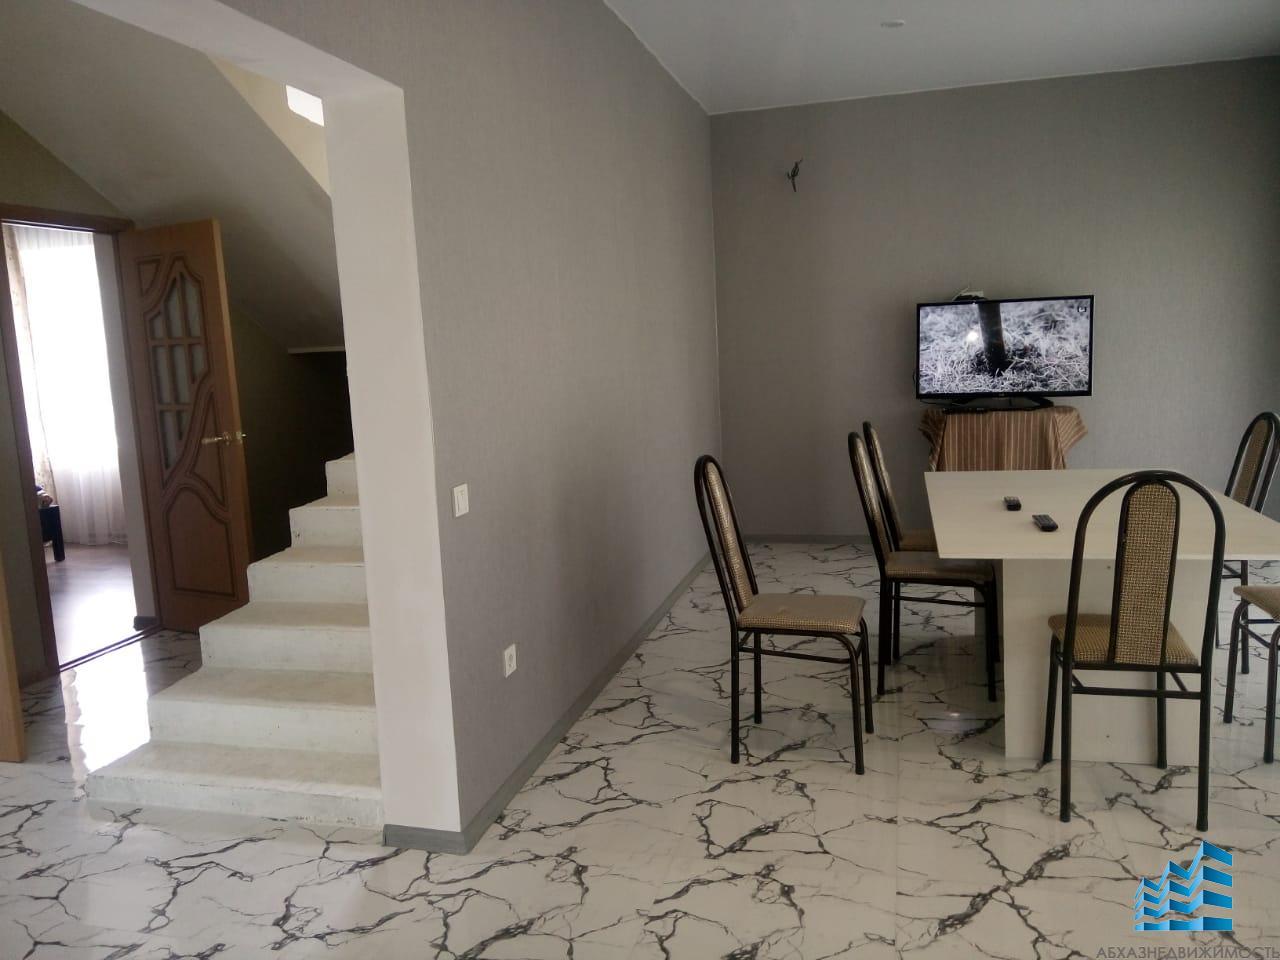 Новый дом у Сухума, продажа/обмен с доплатой